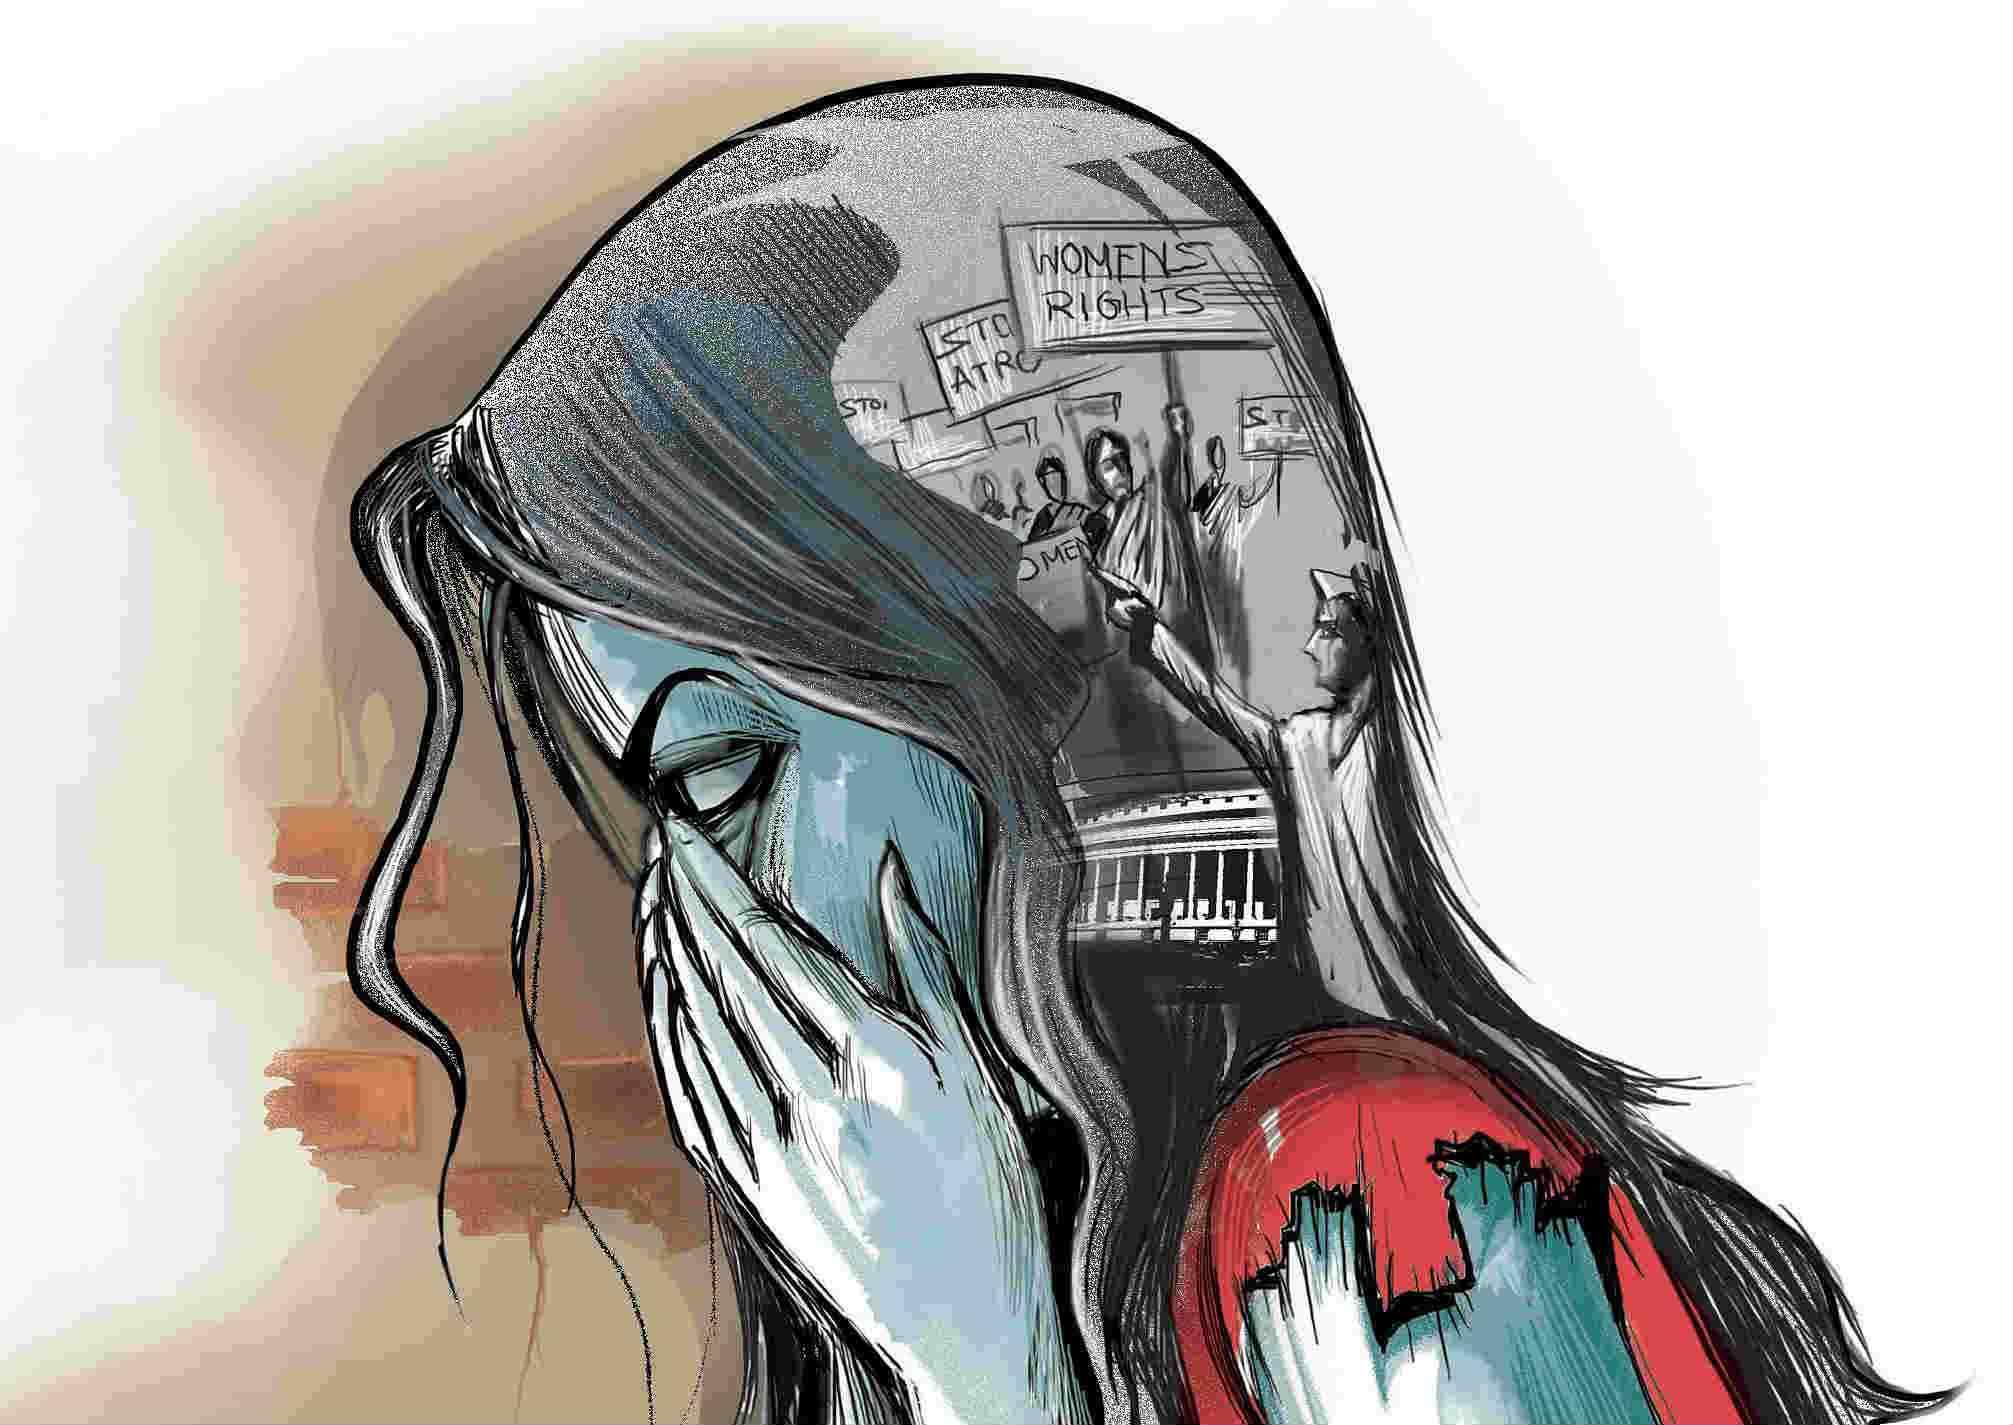 गुजरात में लगातार बढ़ता जा रहा है महिलाओं पर अत्याचार